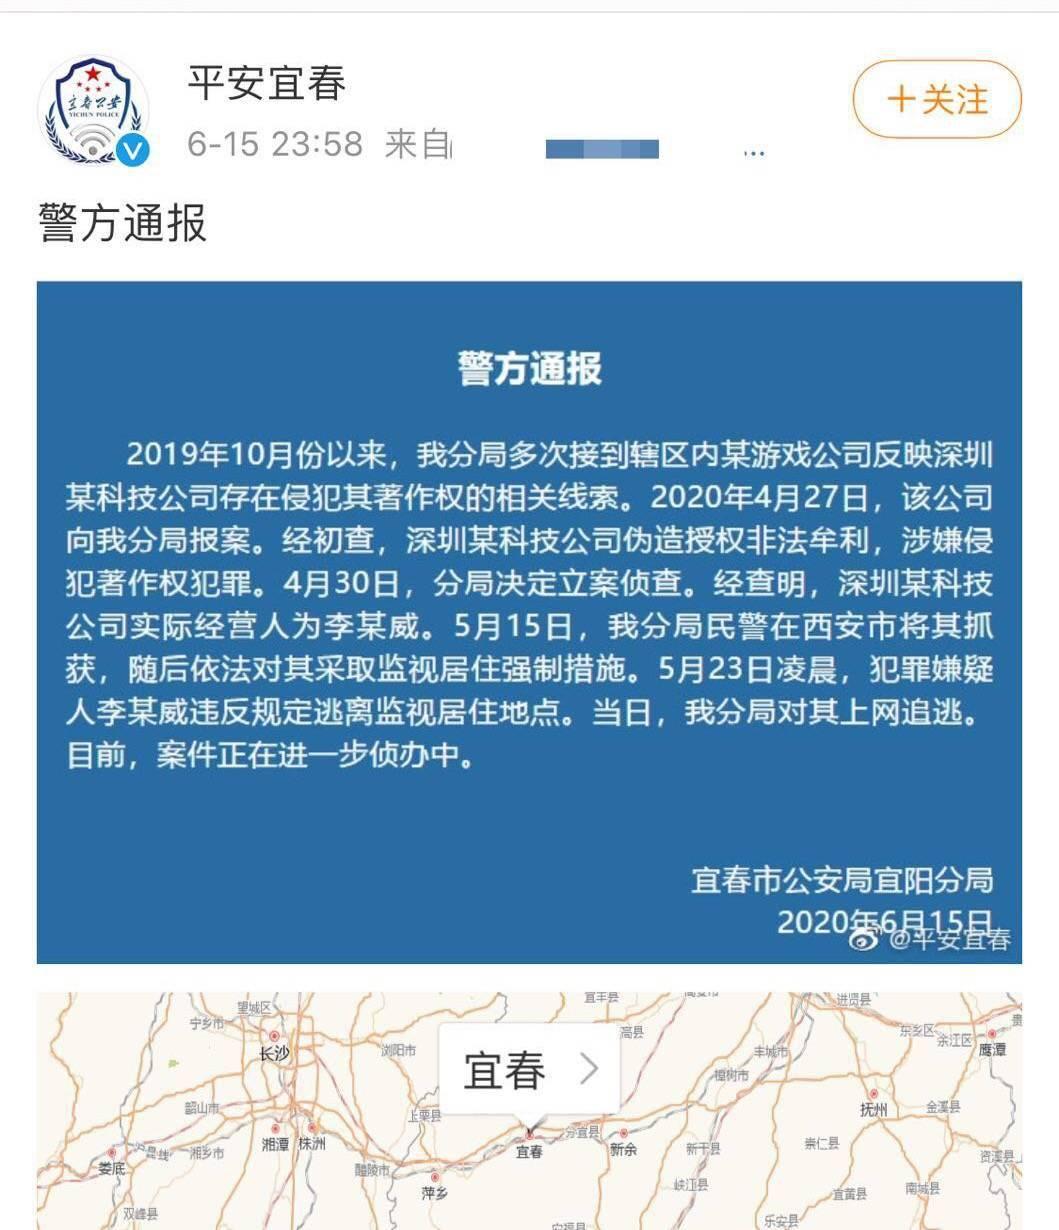 李威威逃跑案:宜春警方称李威威伪造授权非法牟利,李威威回应去年3月获得授权